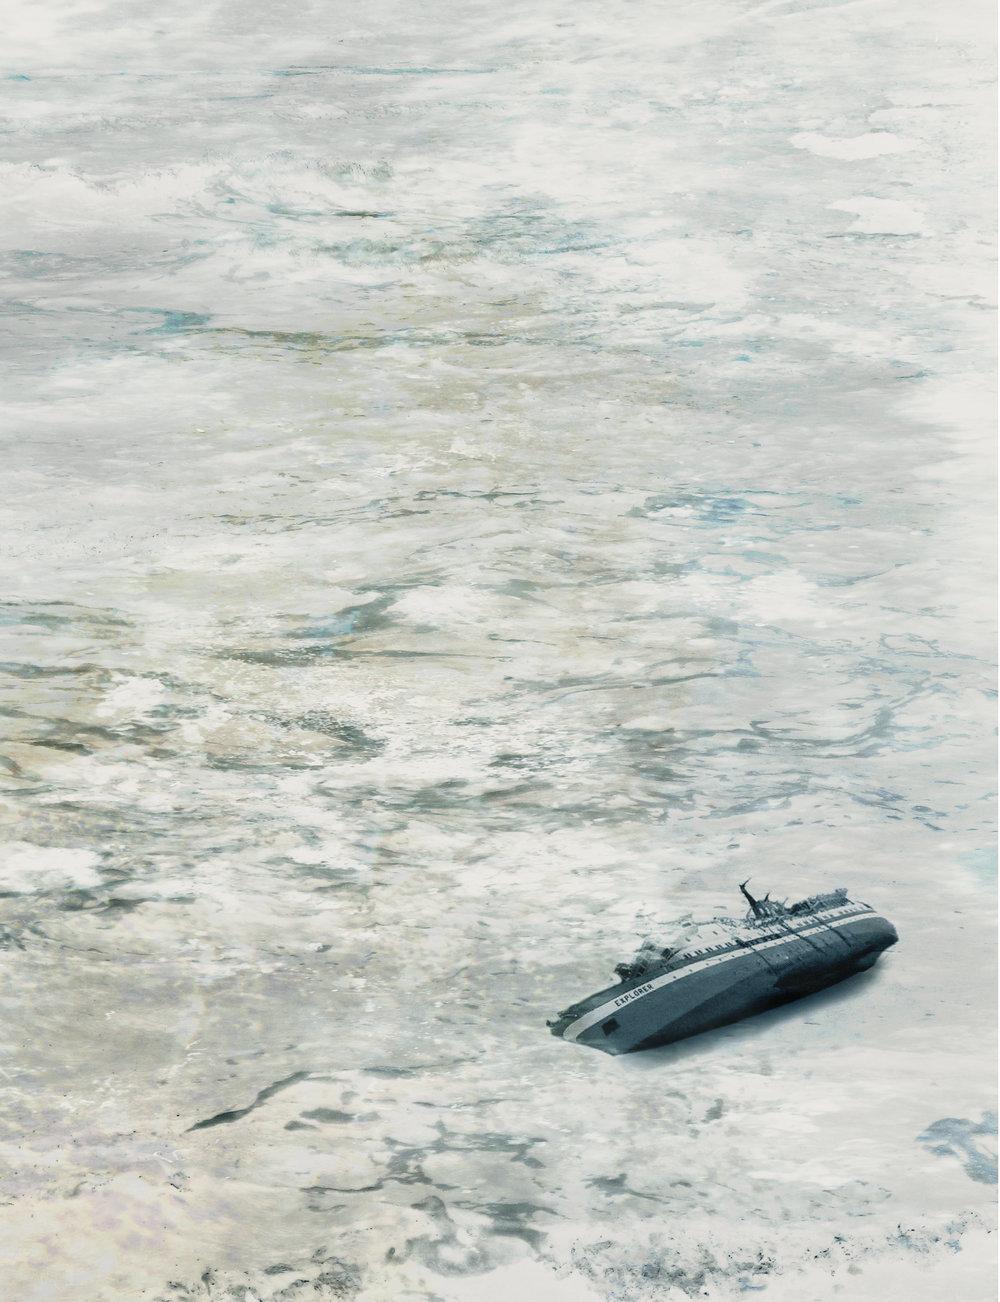 icebreaker copy.jpg